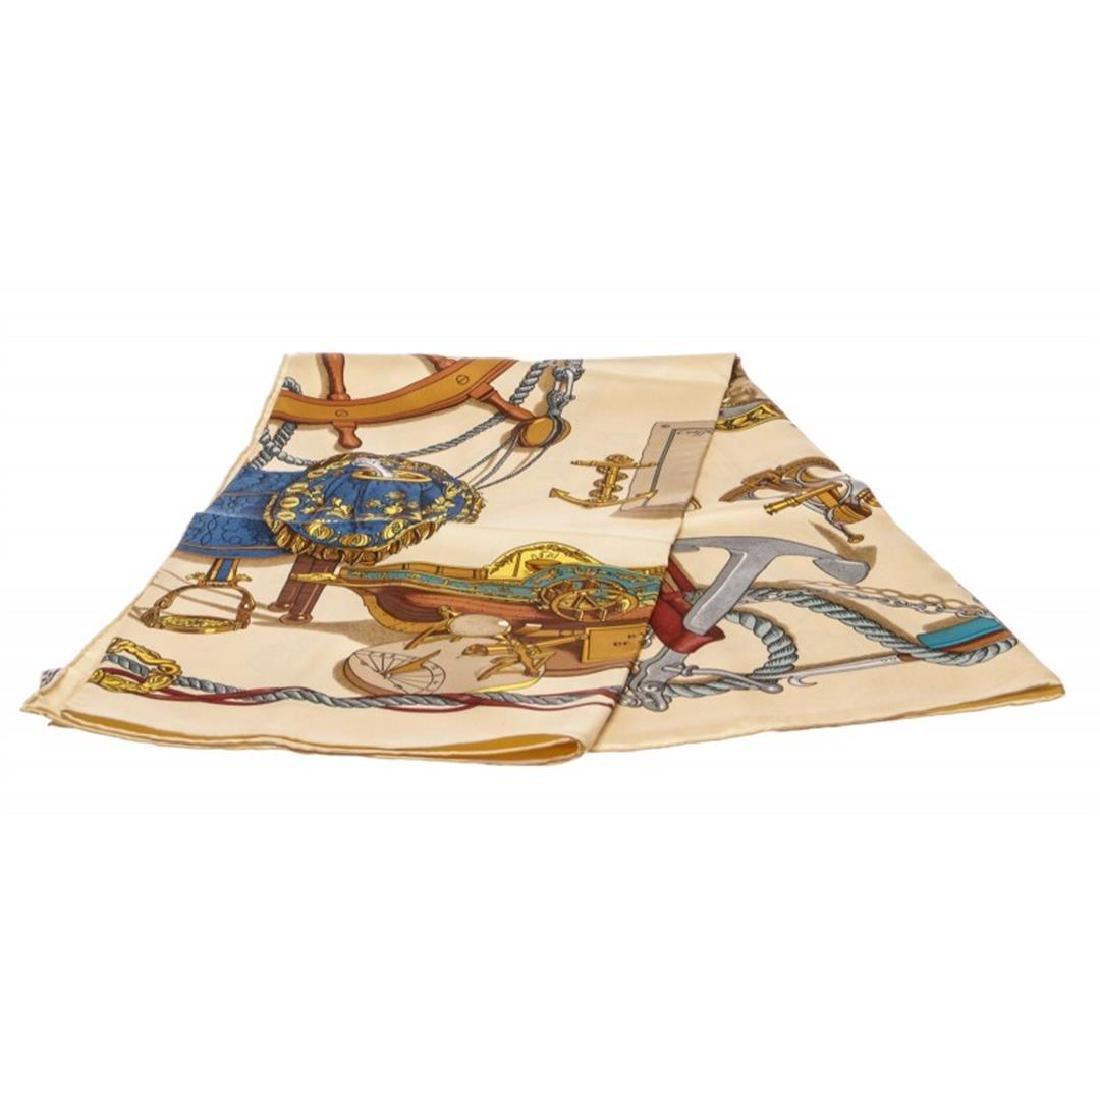 Hermes Beige Bateau A Vapeur De Jouffroy D'Abbans Silk